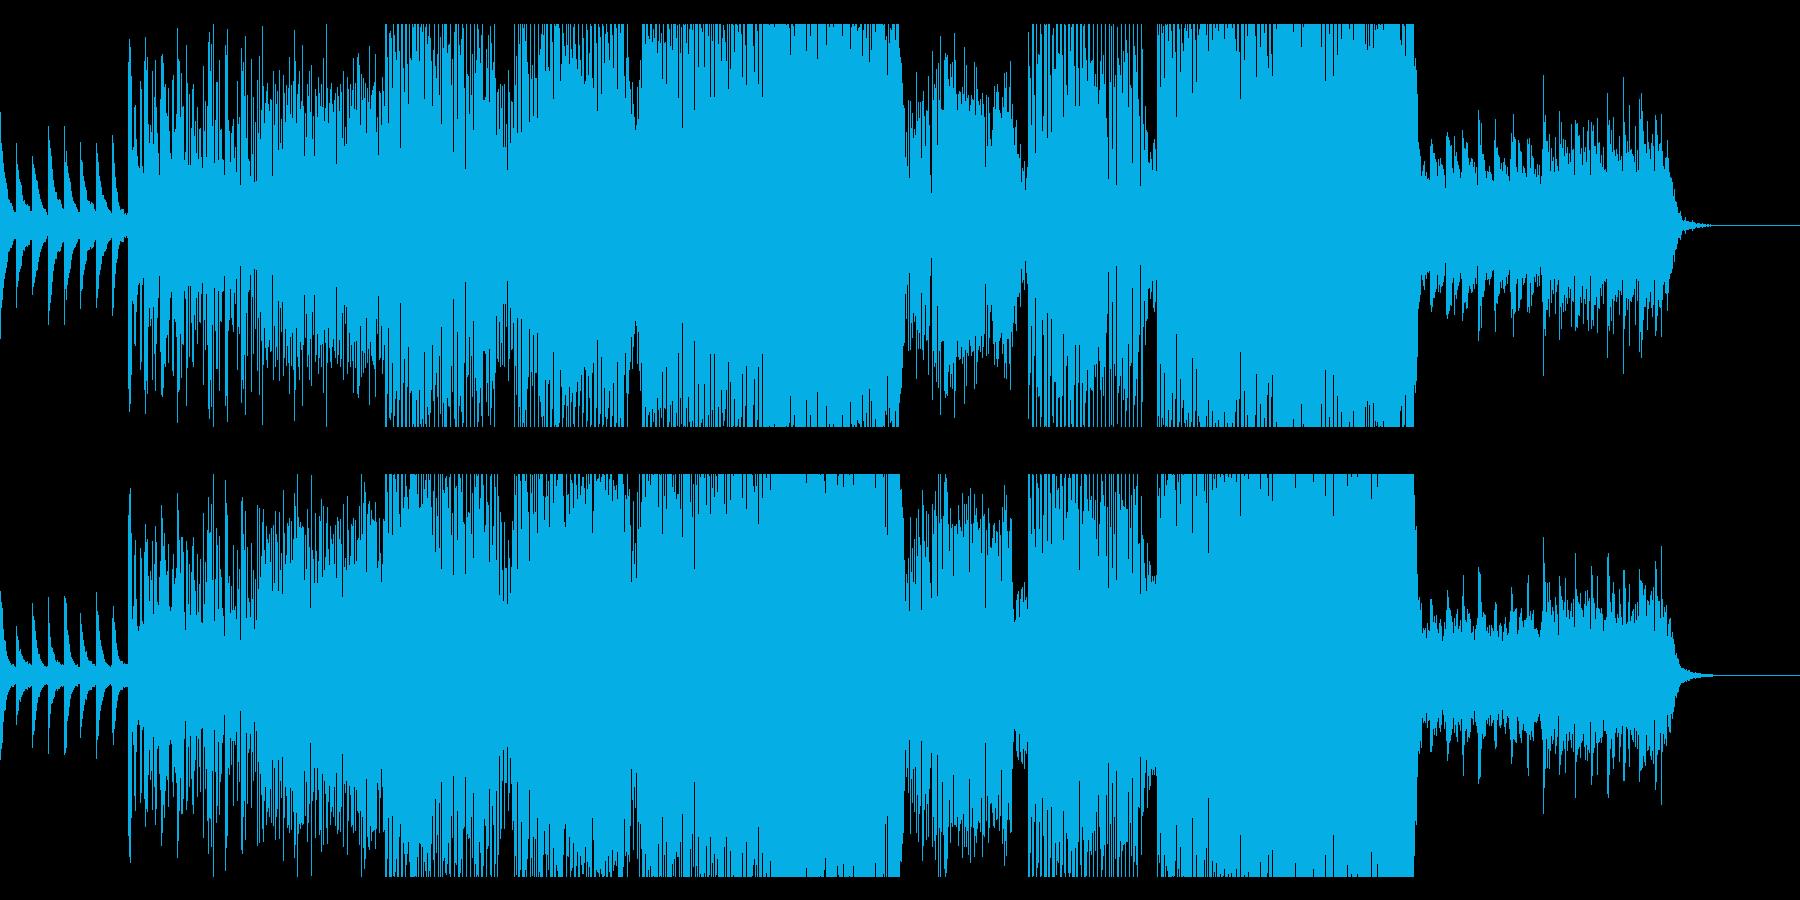 ピアノとグリッヂのポップなエレクトロニカの再生済みの波形